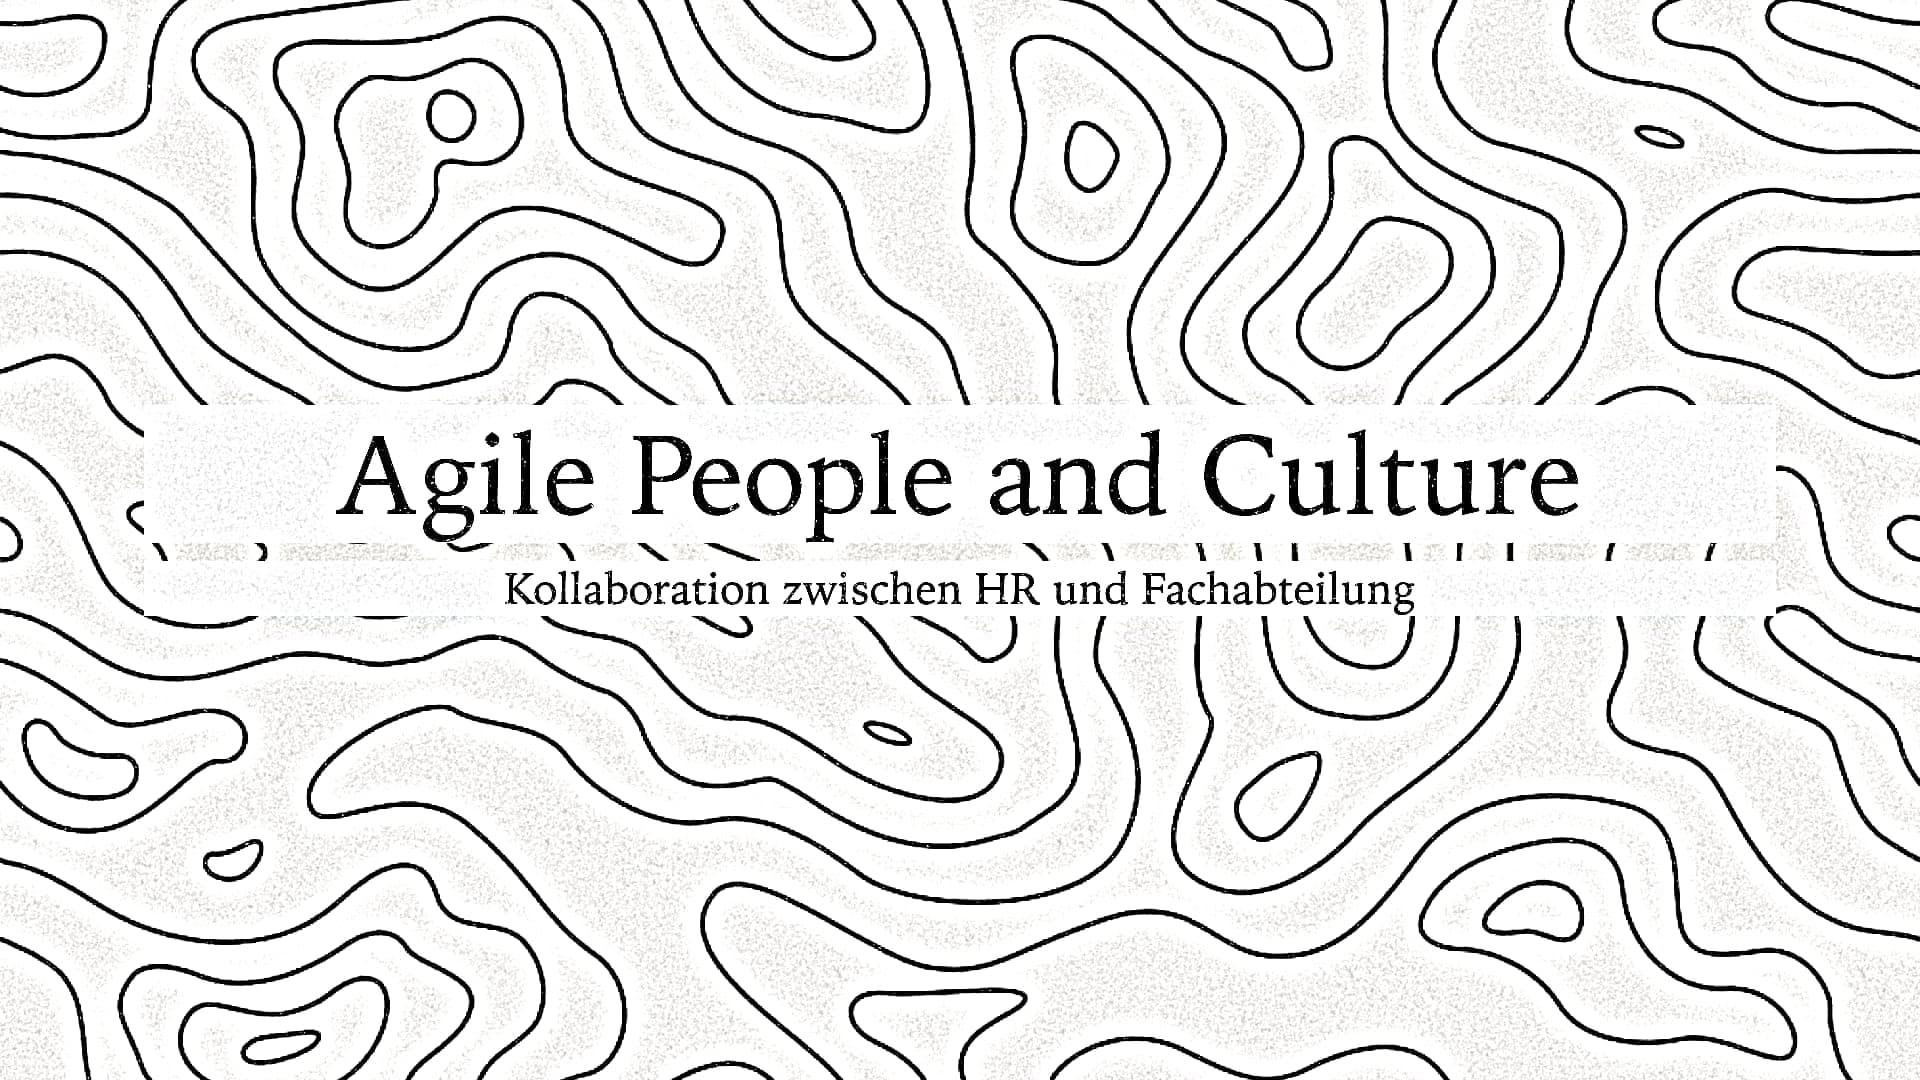 Agile People & Culture zielt auf maximale Kollaborationsfähigkeit ab. Kollaboration entsteht aus ständiger Investition in gemeinsame Zeit, um Vertrauen, Respekt und Sicherheit zu stärken.